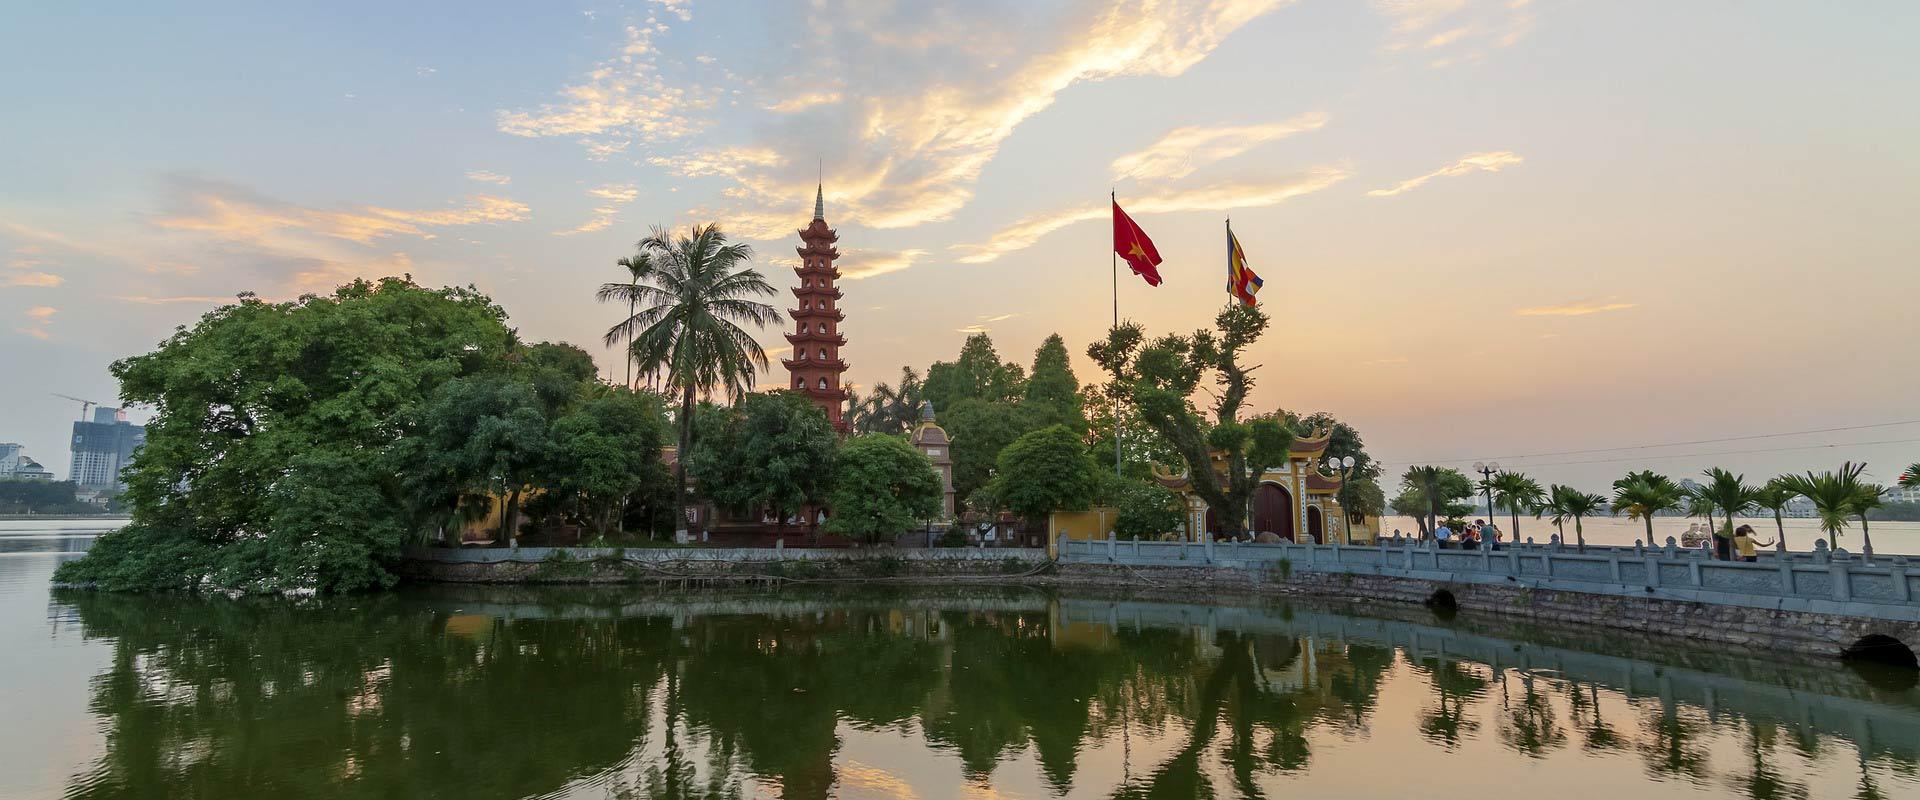 Vietnam, Hanoi, pagode au couché du soleil